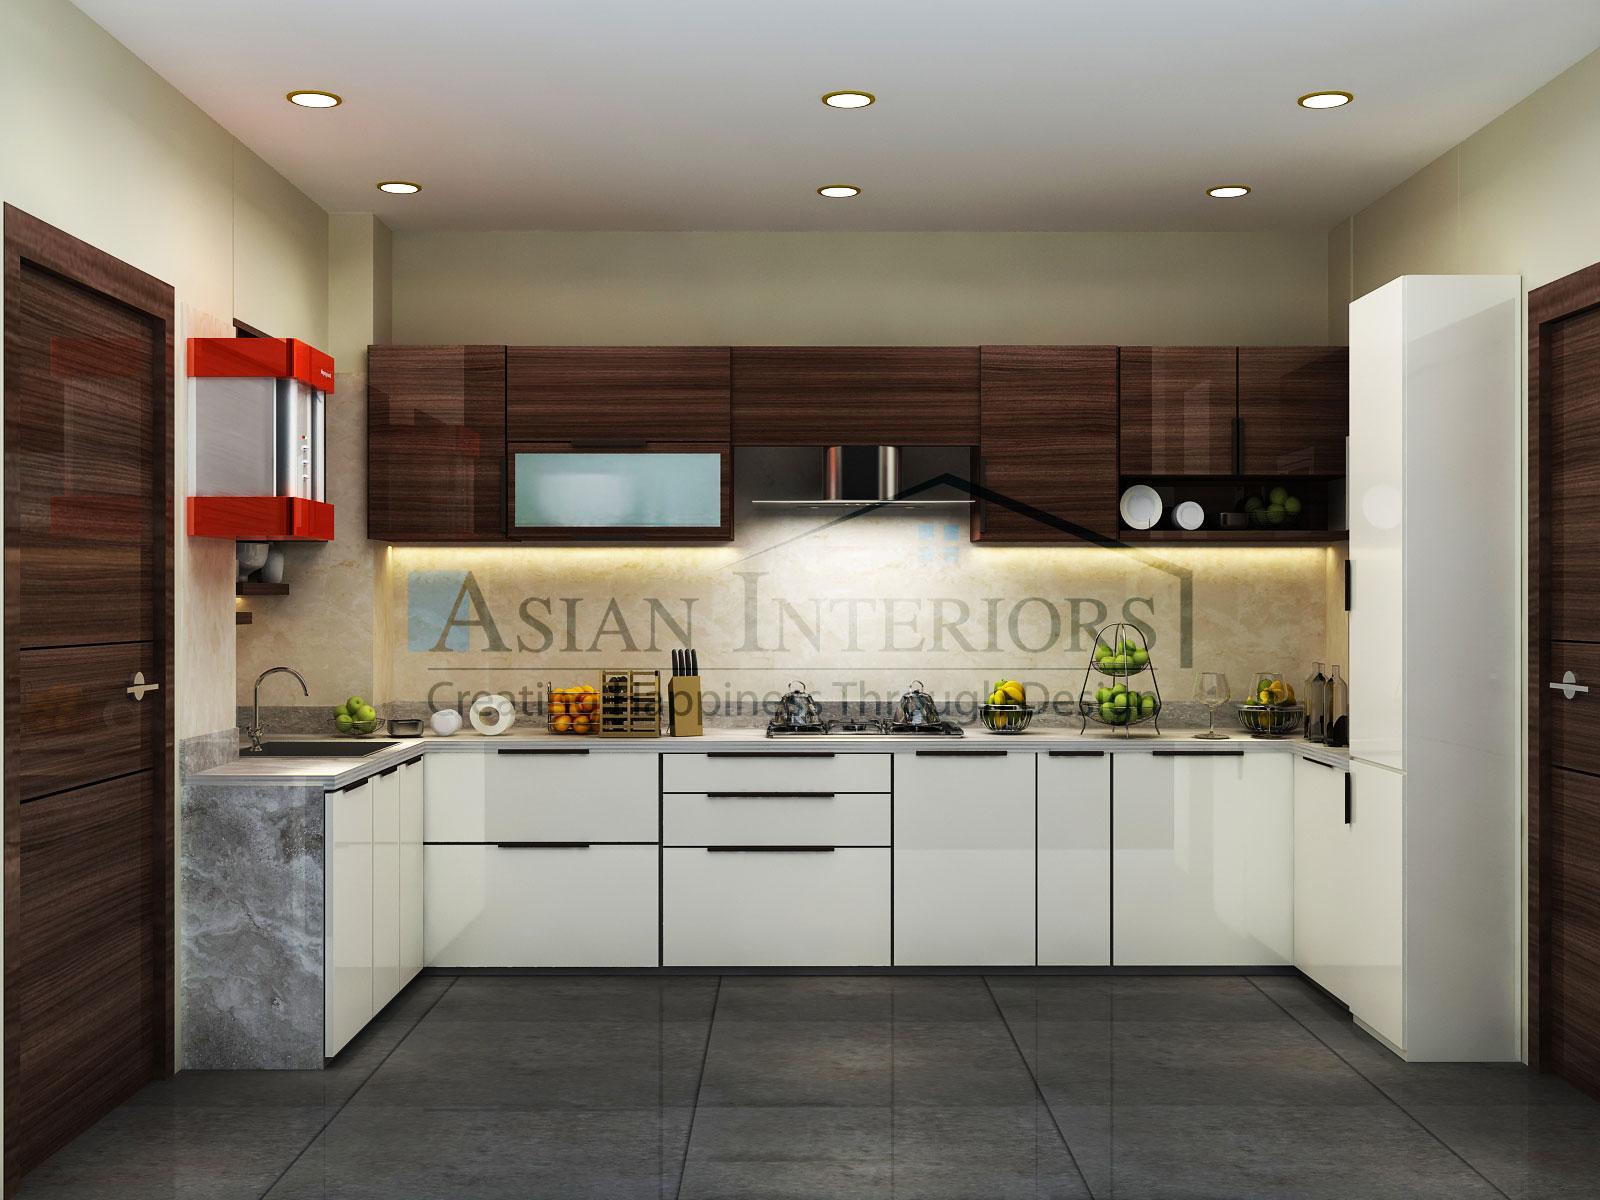 Asian-Interiors-Kitchen24